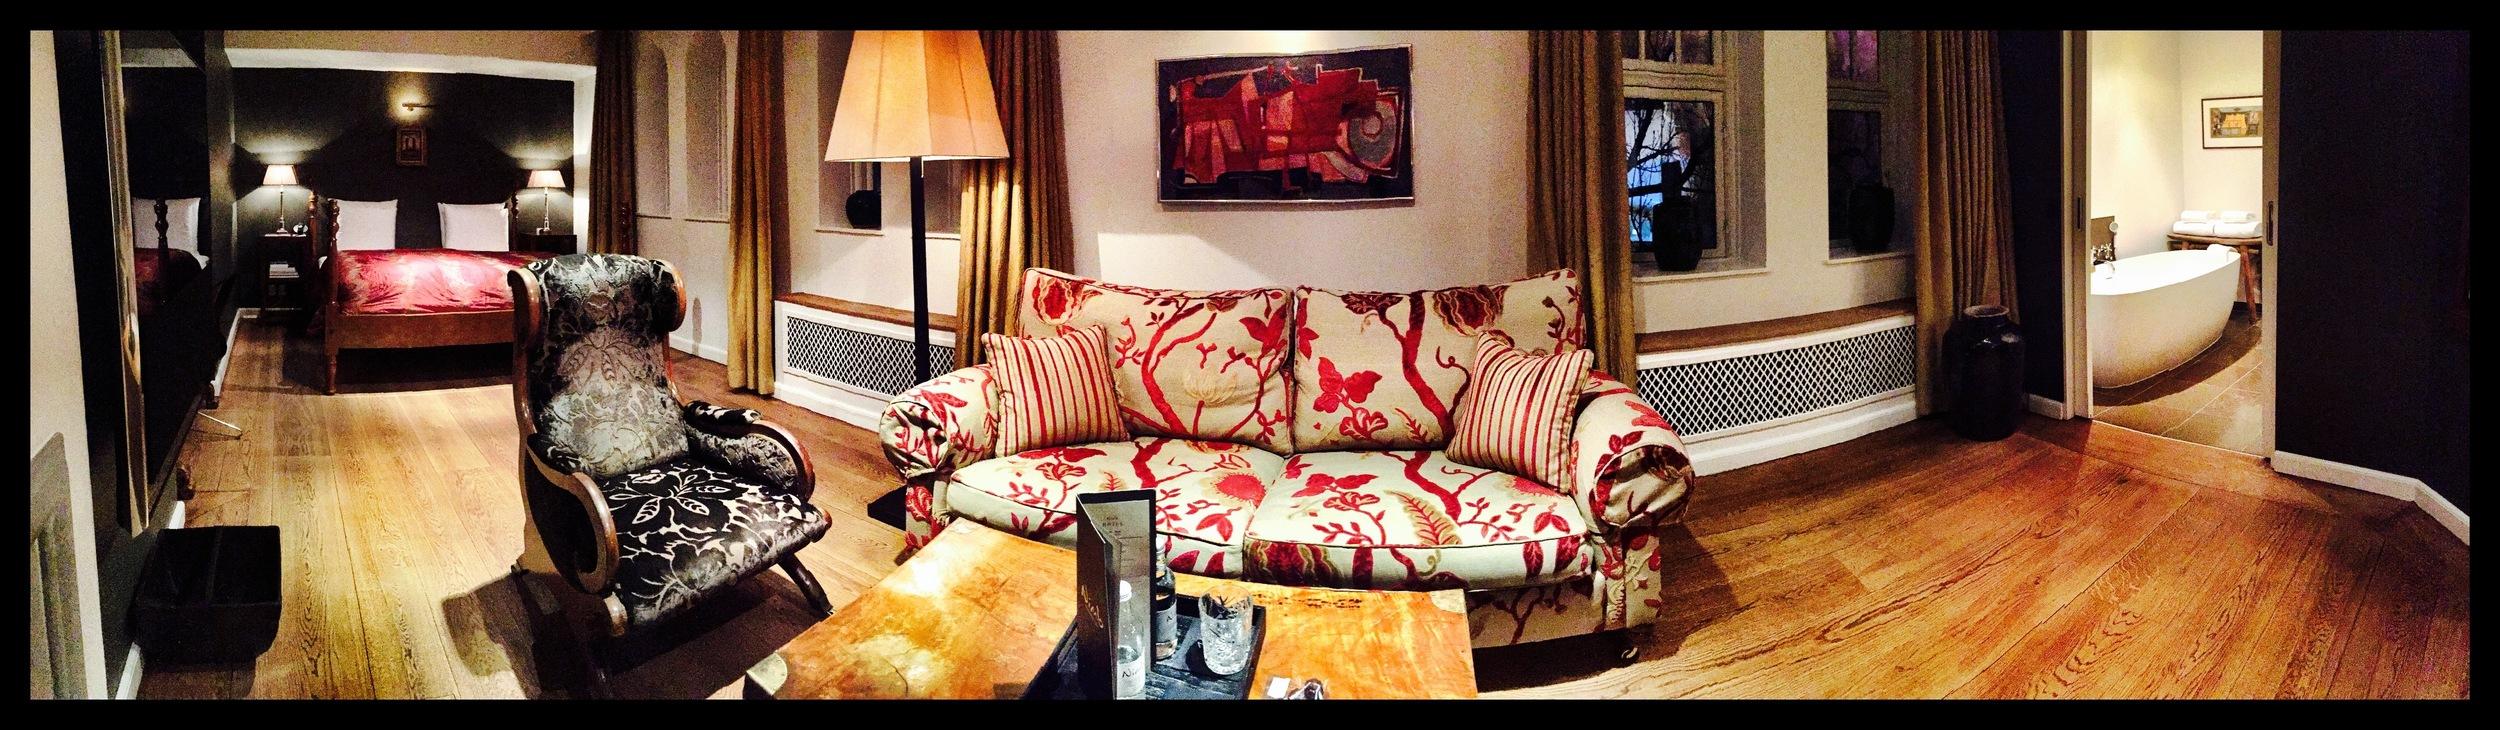 Mitt rom på Hotel Nimb - rom nr 13 var ikke akkurat noe ulykkesrom. Foto: Odd Roar Lange